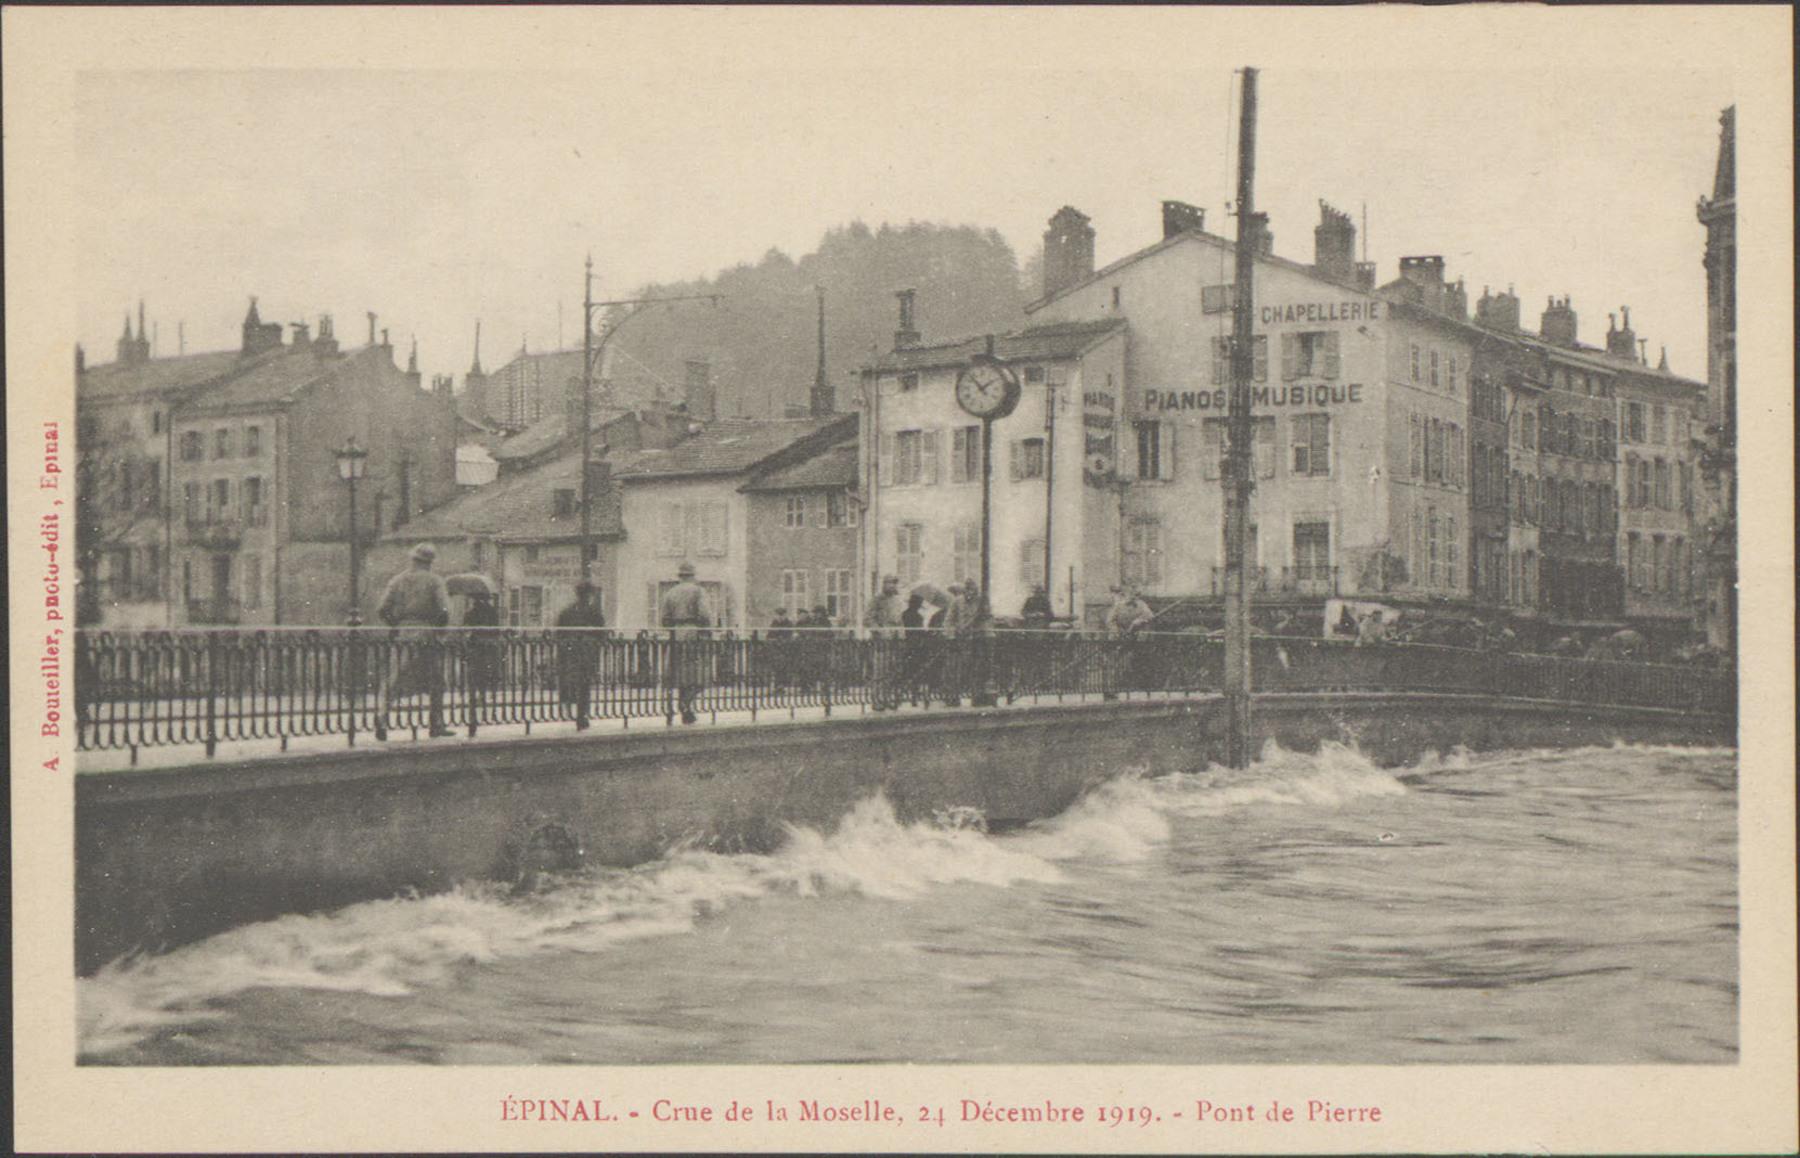 Contenu du Épinal, Crue de la Moselle, 24 décembre 1919, Pont de Pierre